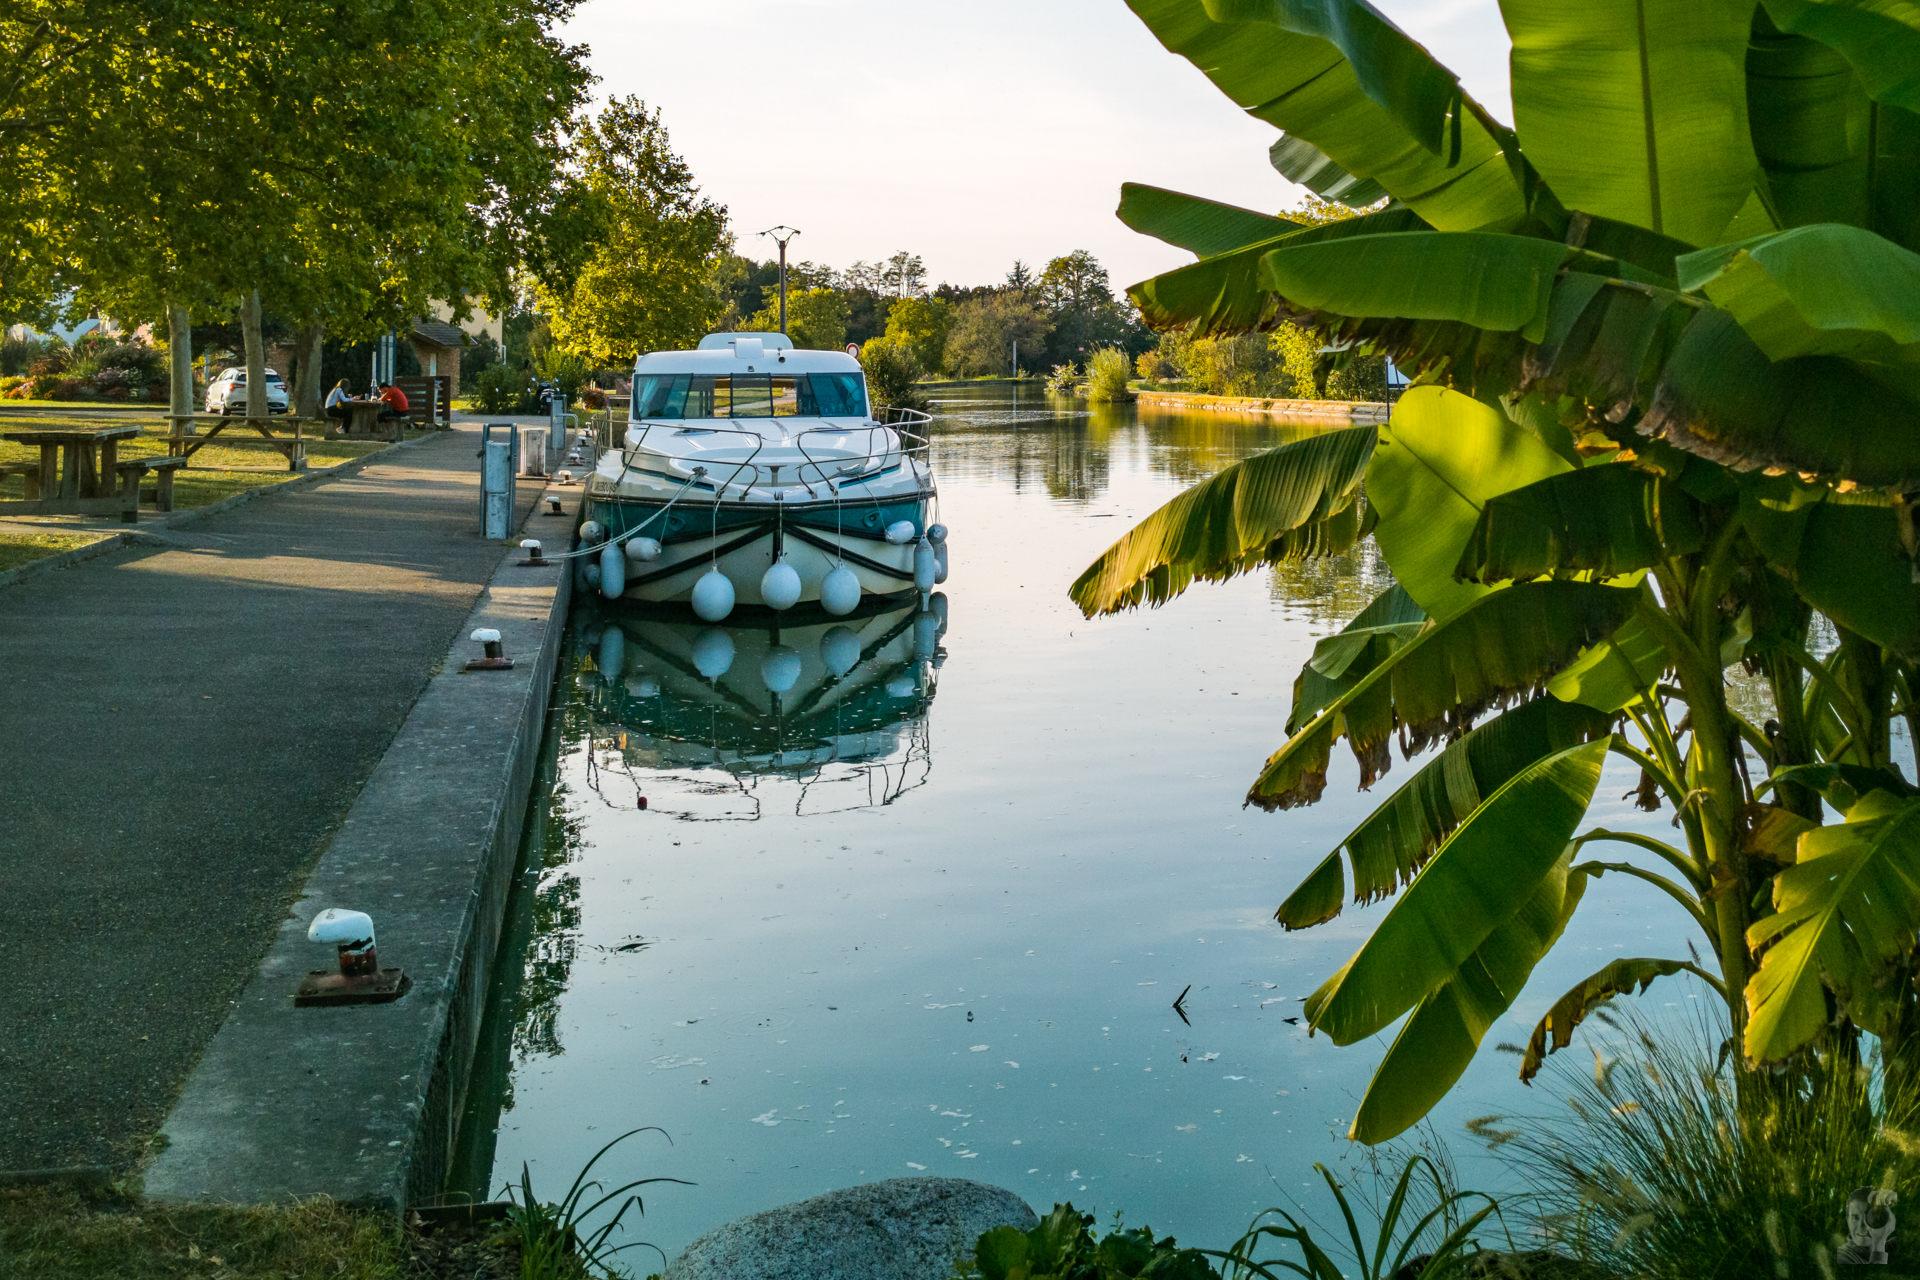 Hafen in Souffelweyersheim-Canal de la Marne au Rhin